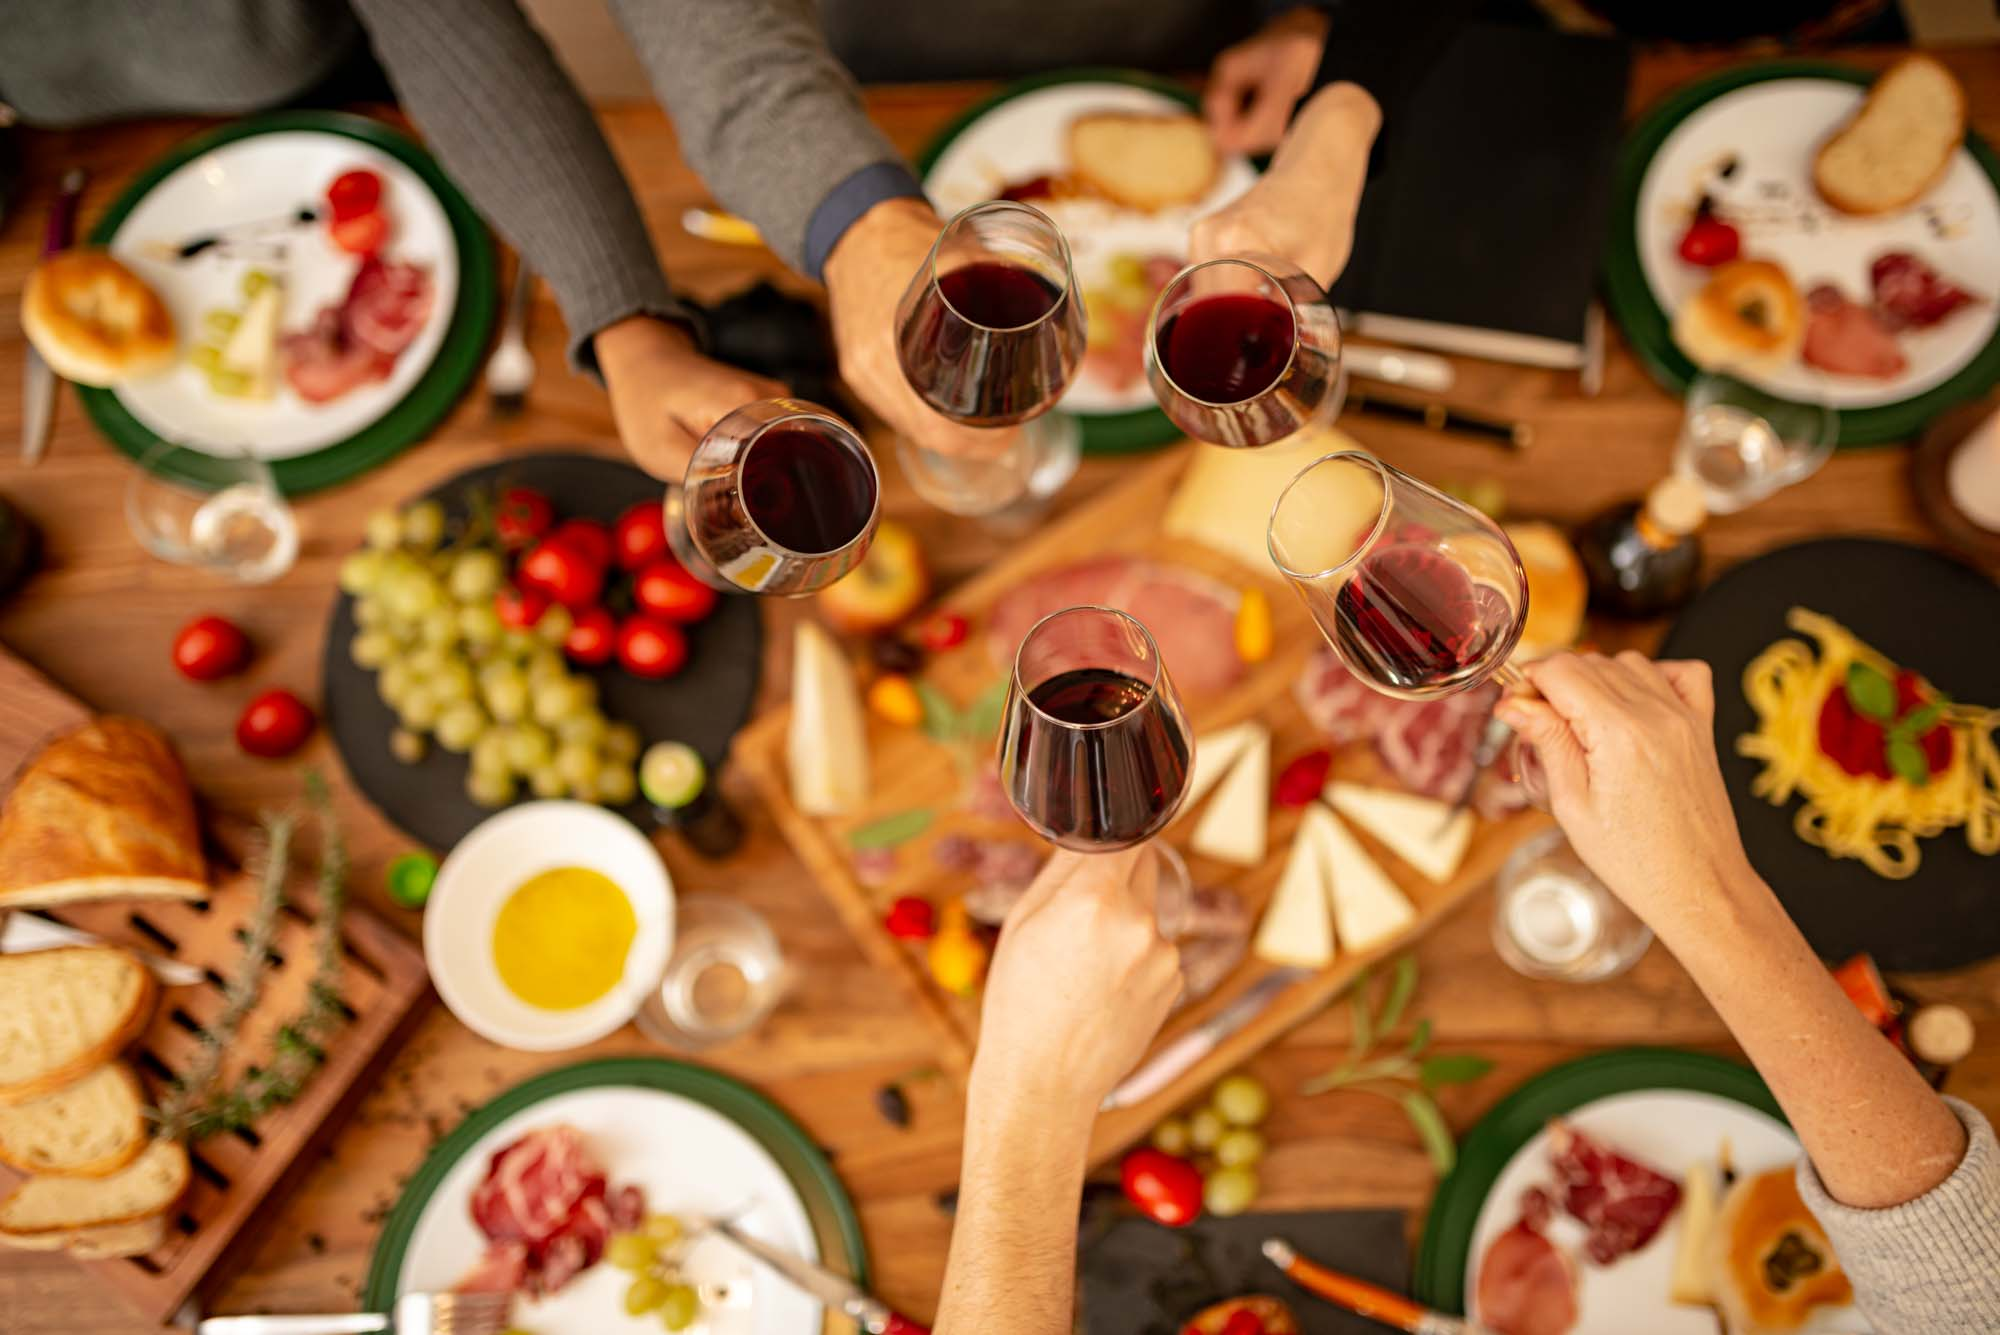 Cucina Amatoriale Cene Aziendali a Genova